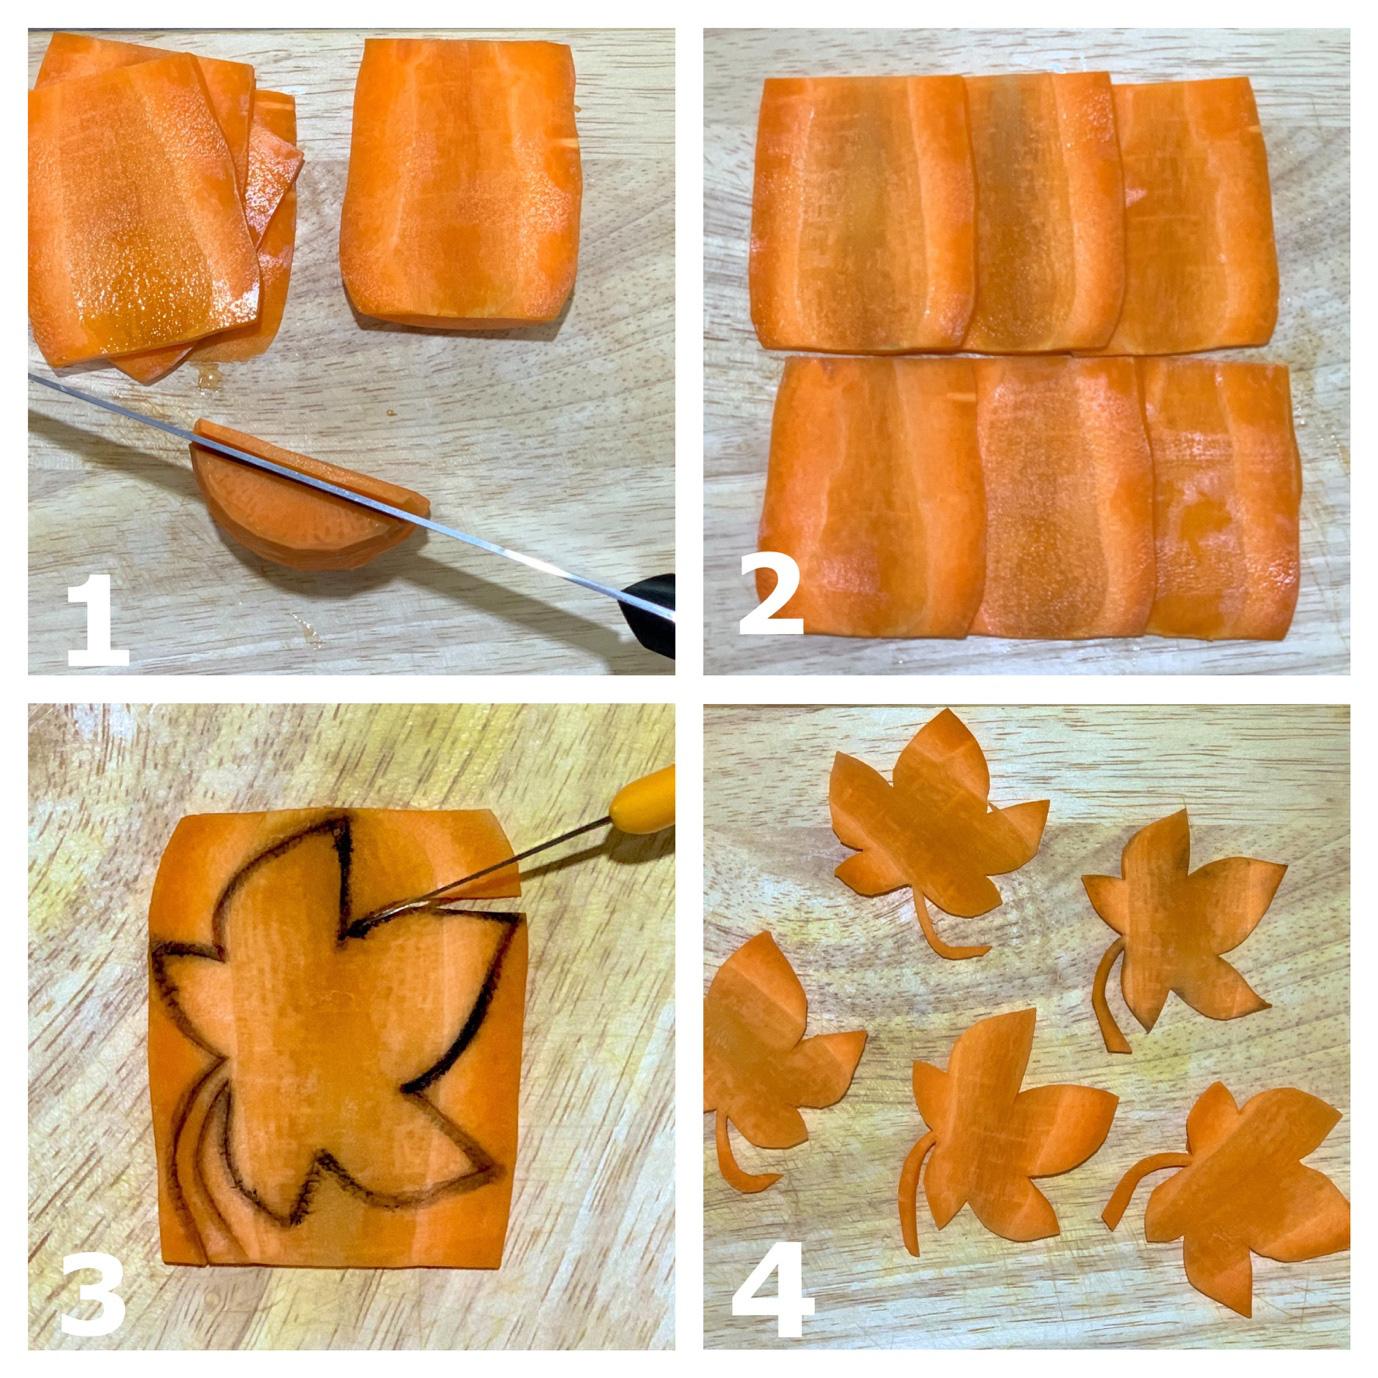 Học ngay cách cắt tỉa cà rốt thành lá phong trang trí đĩa ăn thật đẹp và lãng mạn - Ảnh 4